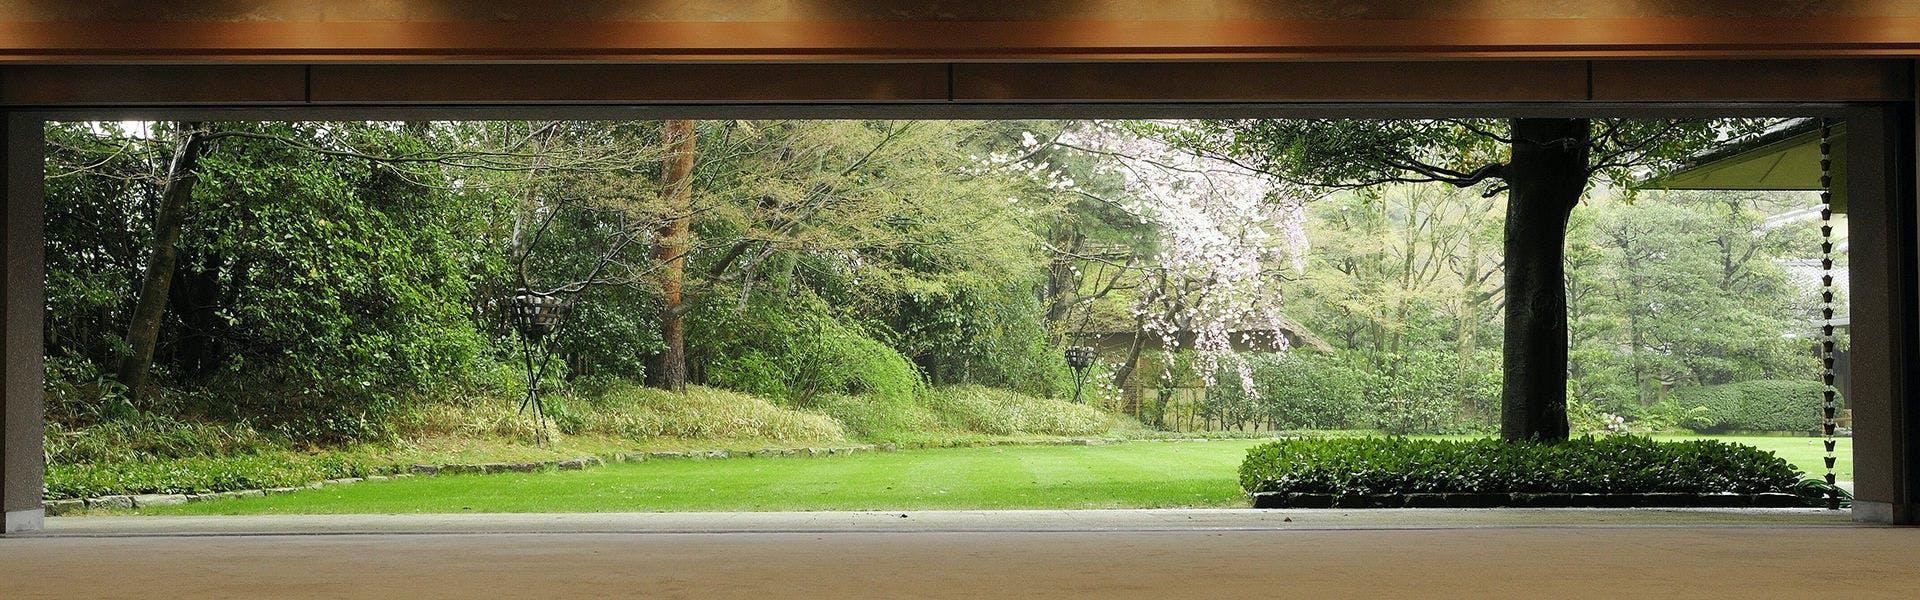 記念日におすすめのホテル・下呂温泉 水明館の写真3